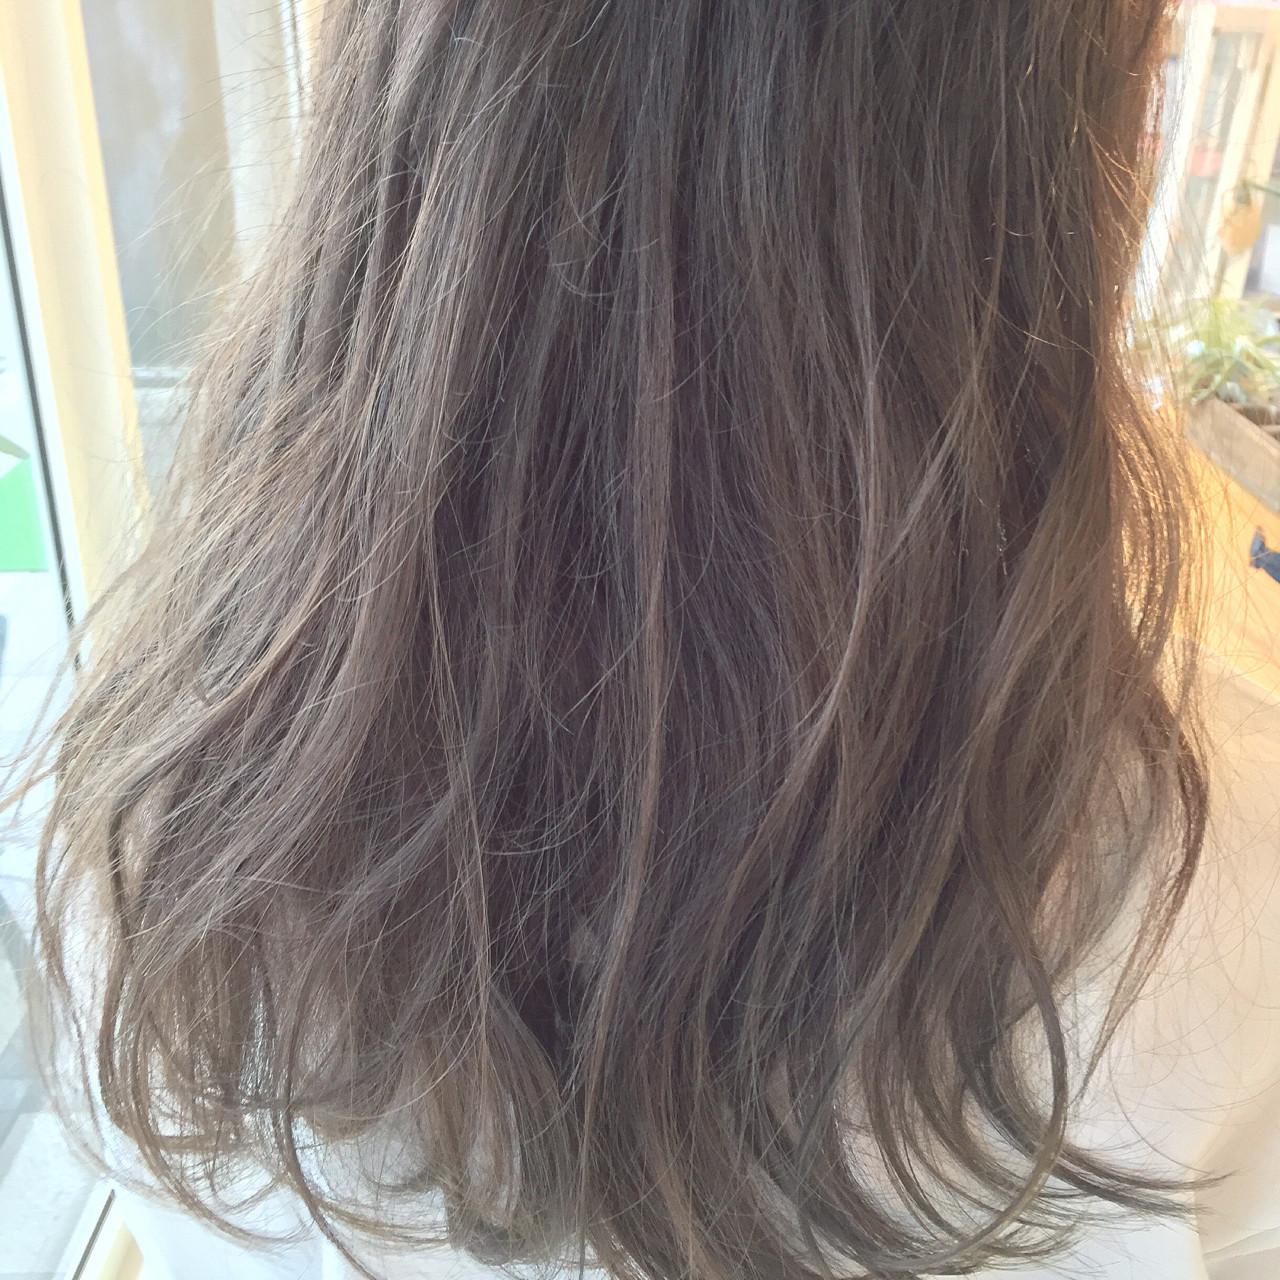 セミロング グラデーションカラー ハイライト ブラウン ヘアスタイルや髪型の写真・画像